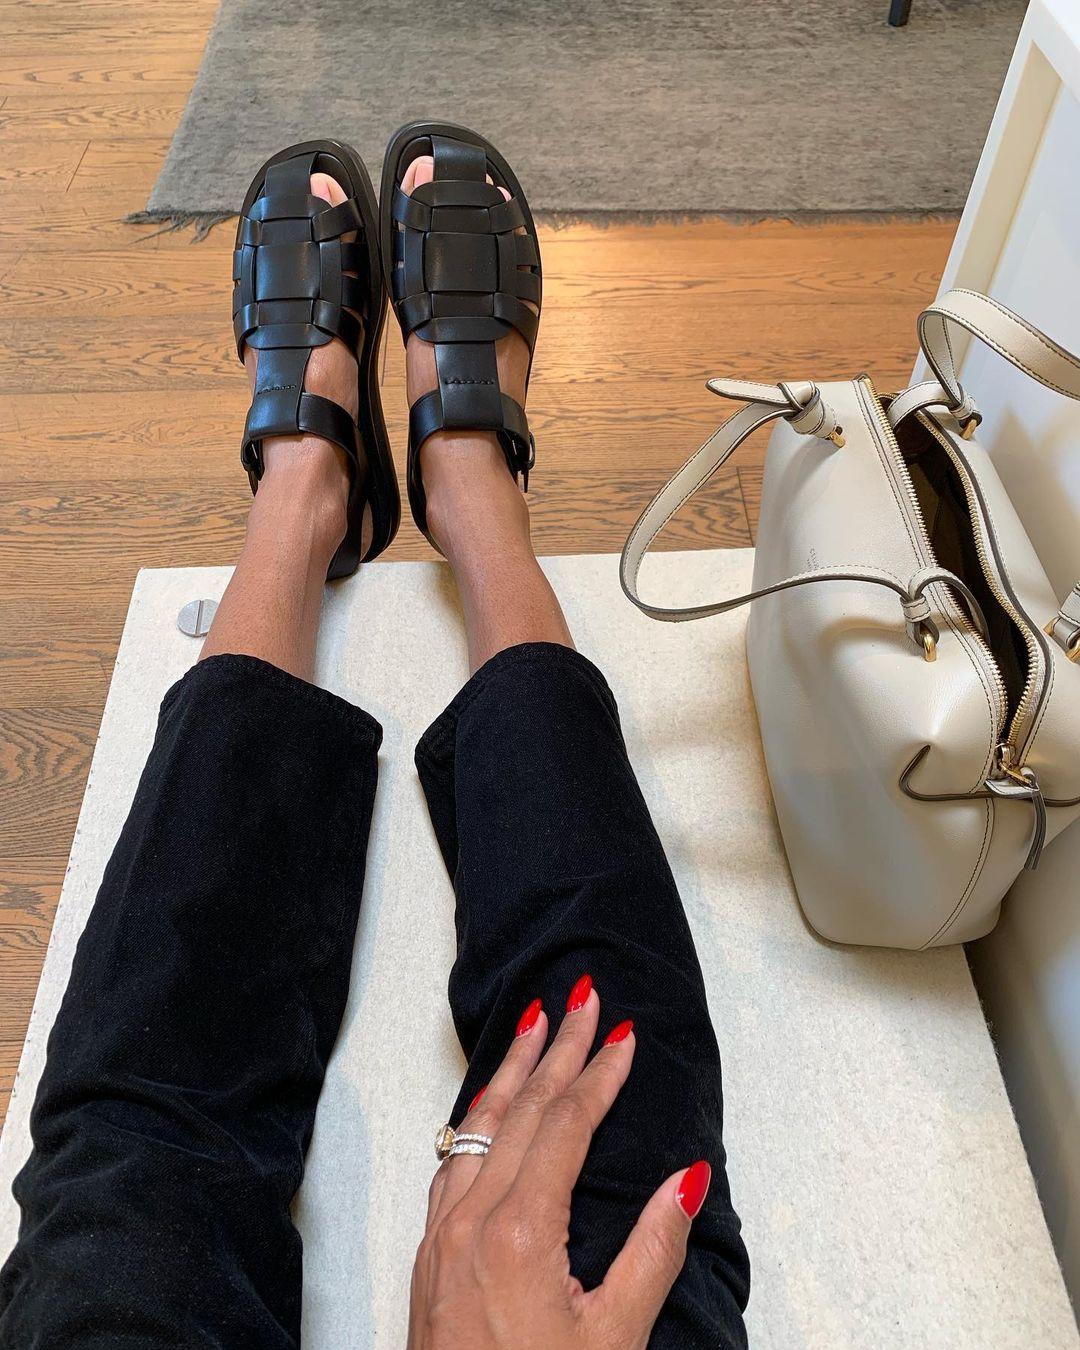 Phong cách sandal rọ là xu hướng giày bạn nên cập nhật mùa này - 4